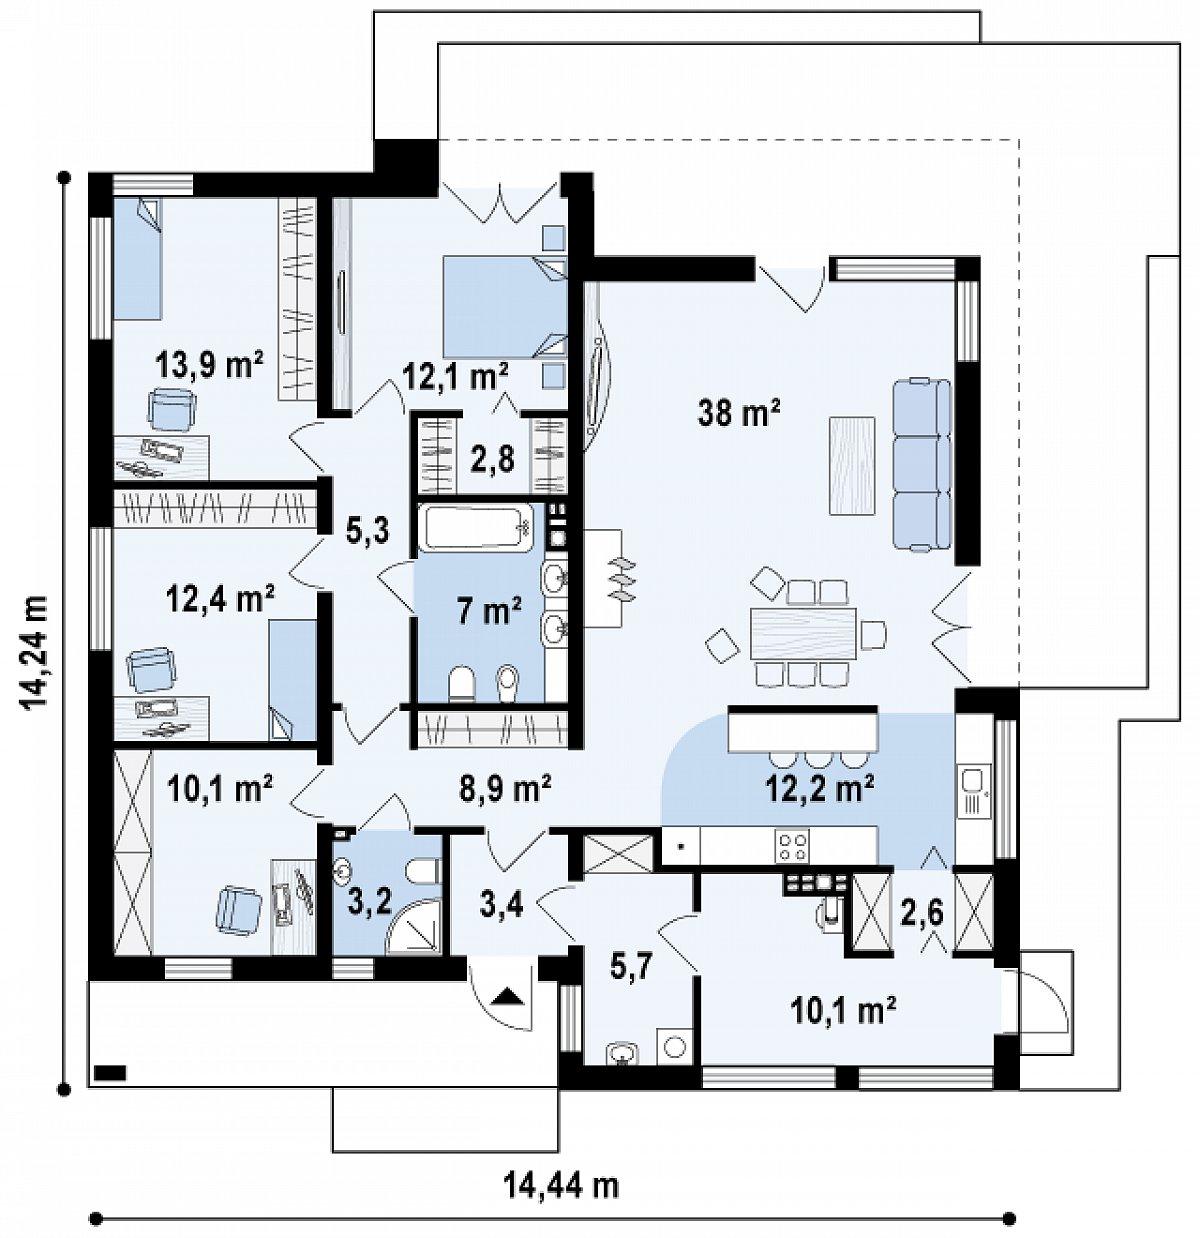 Первый этаж 147,8м² дома Zx103 bG